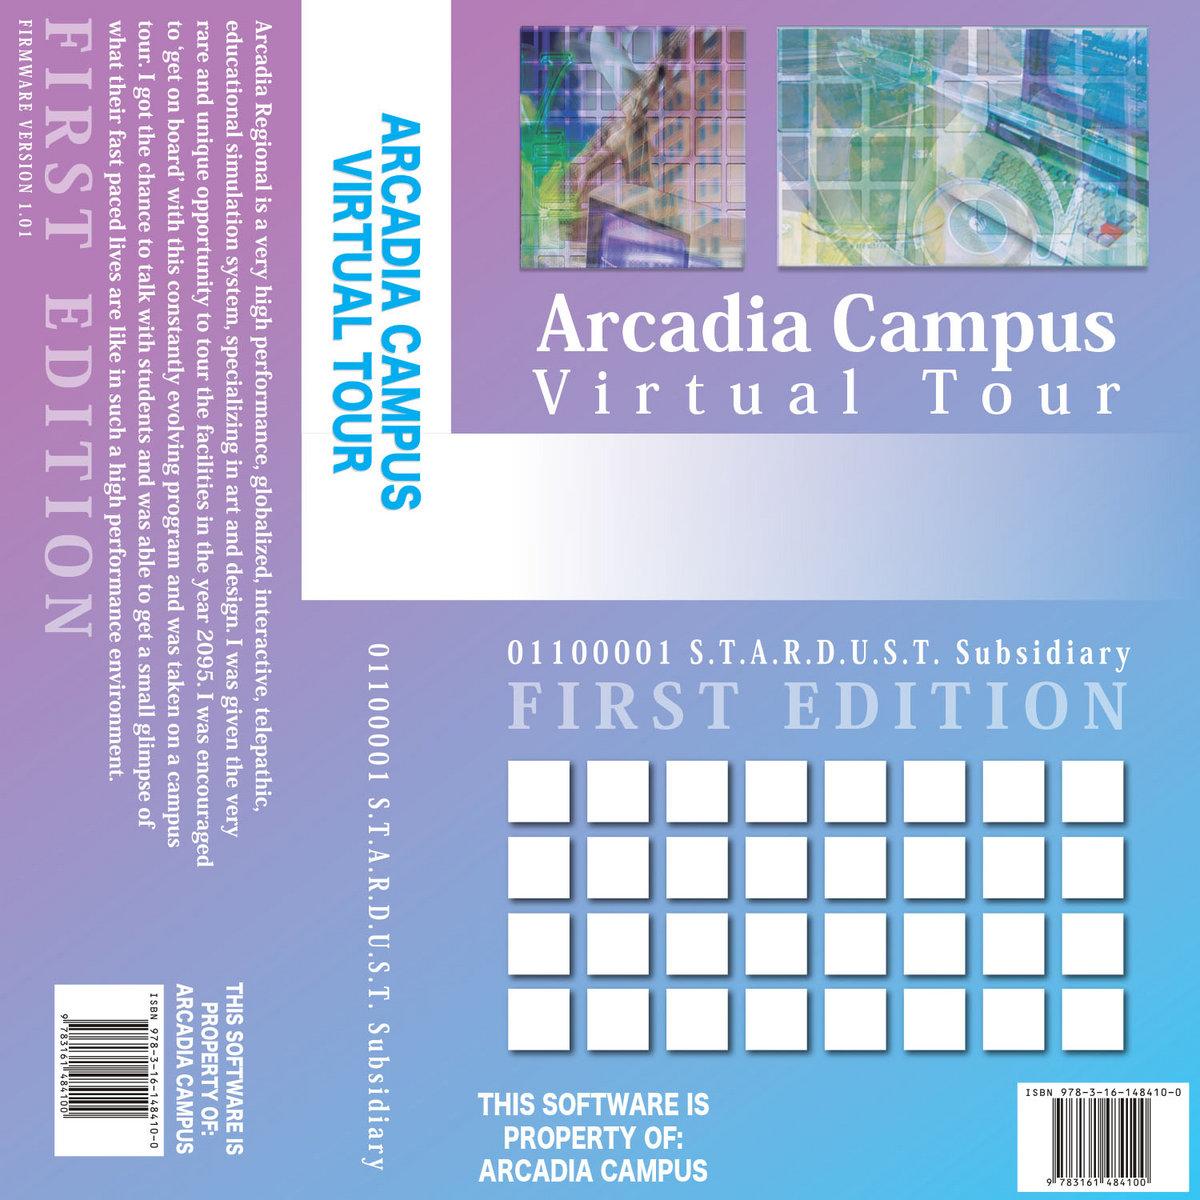 Arcadia Campus: Virtual Tour cover